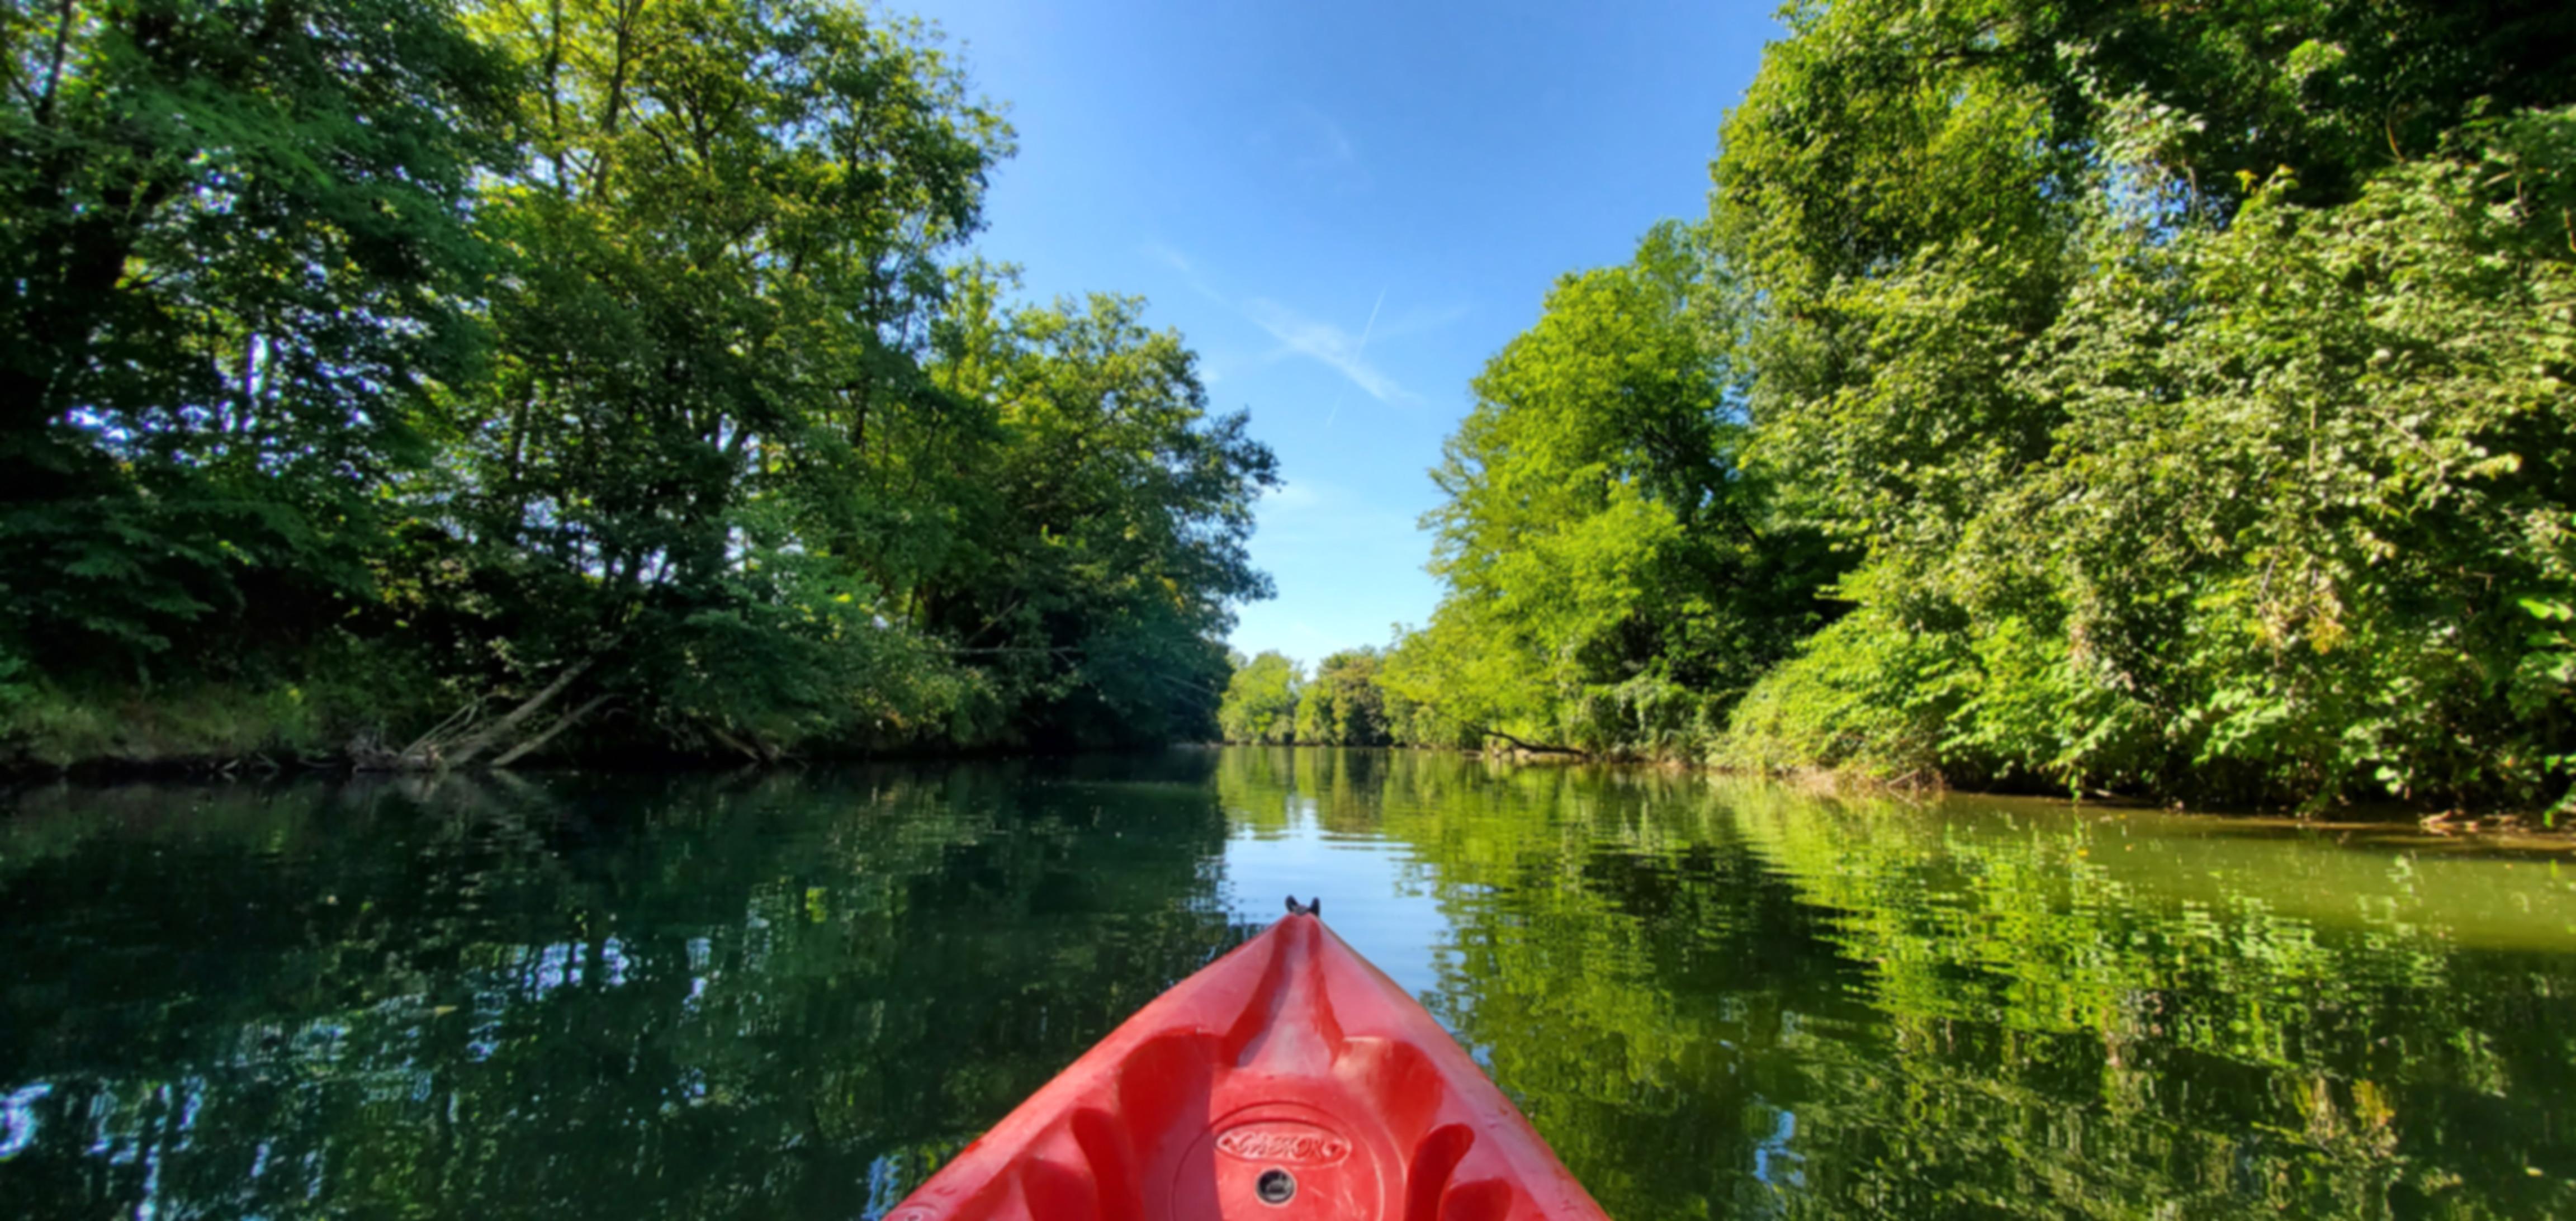 Location de canoë kayak avec FoxaGliss sur la rivière du Guiers